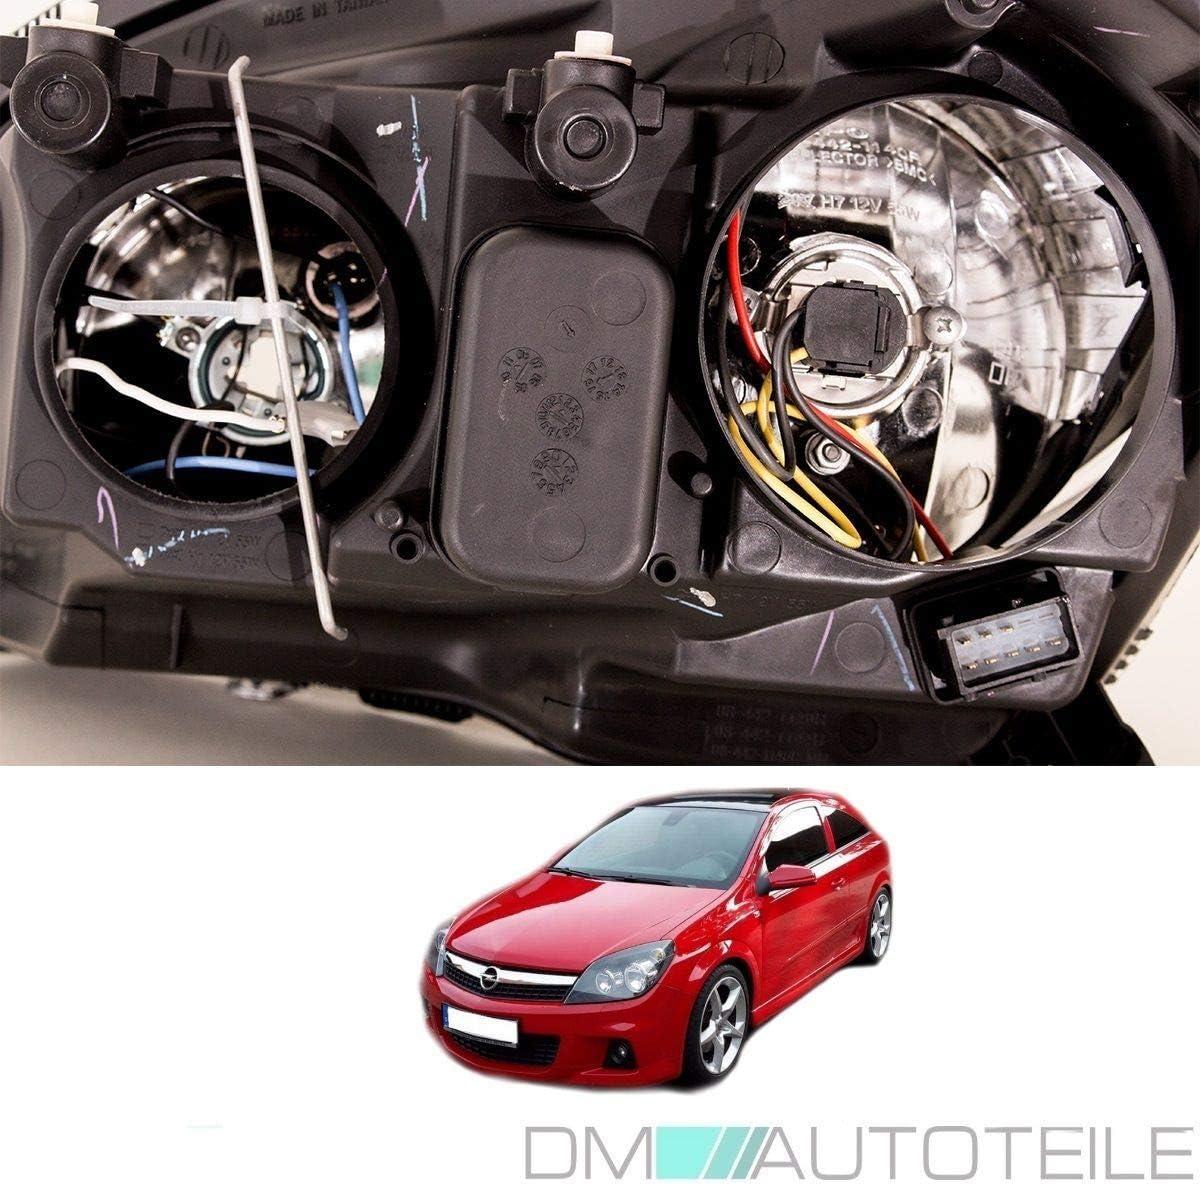 DM Autoteile Astra H Scheinwerfer Set Schwarz RECHTS LINKS 04-09 H7//H1 MOTOR *PREMIUM*